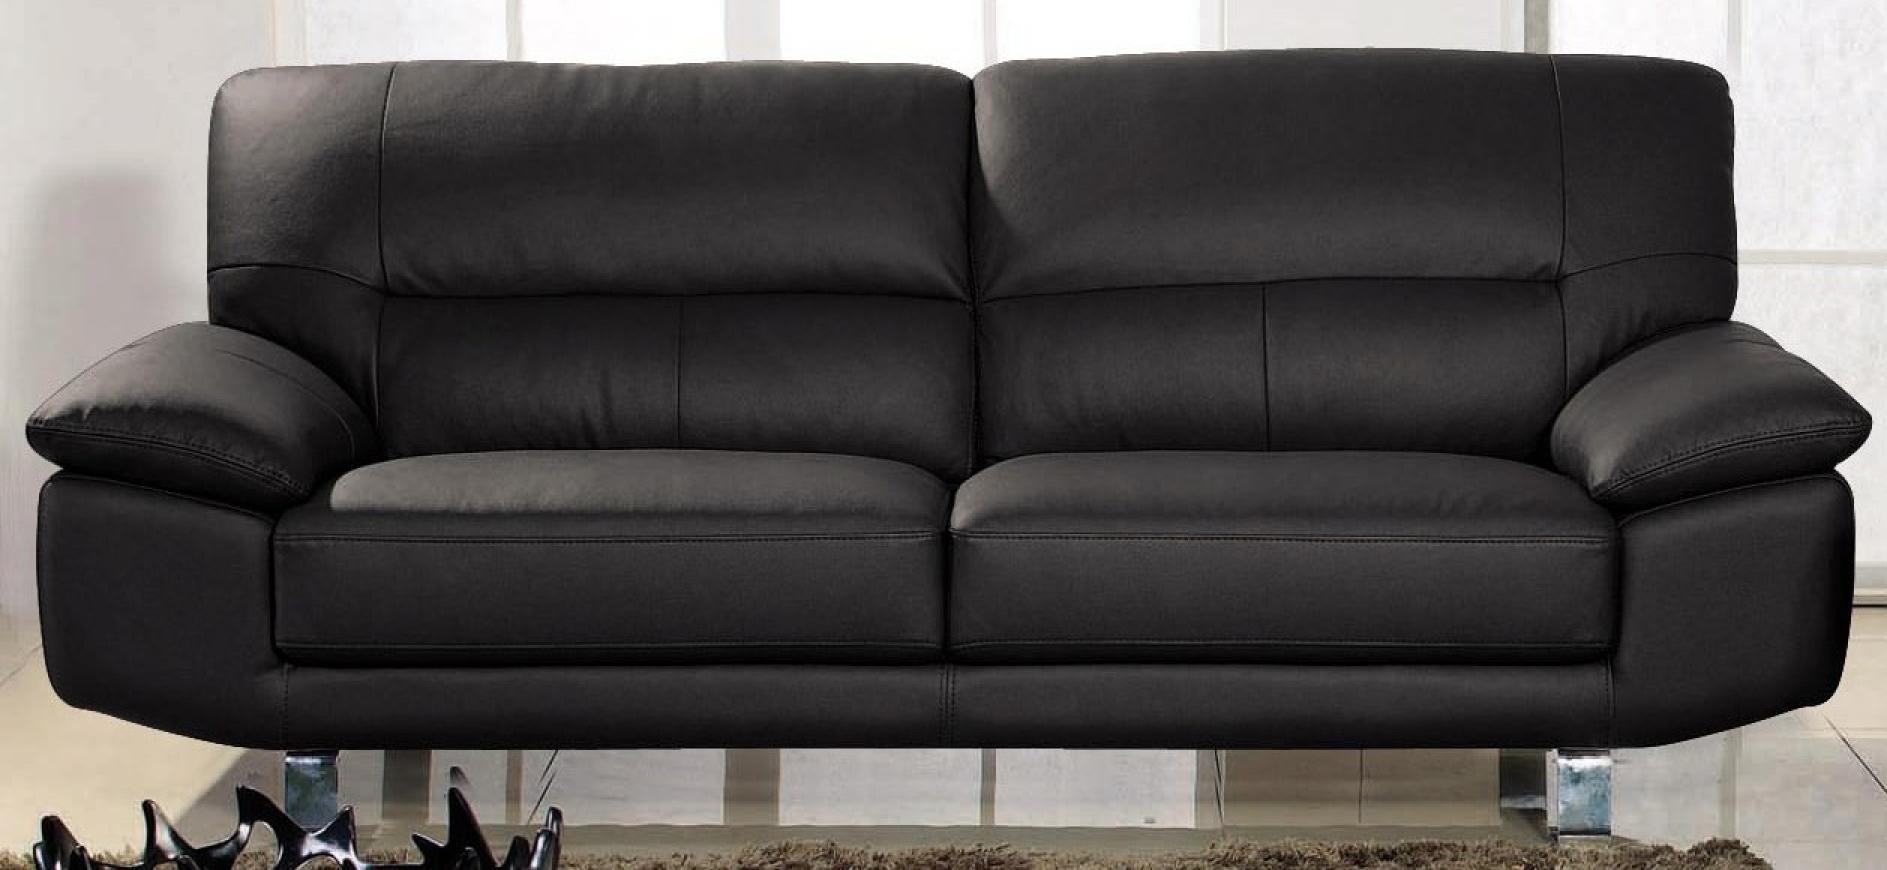 Résultat Supérieur 42 Incroyable Canape Cuir Tres Confortable